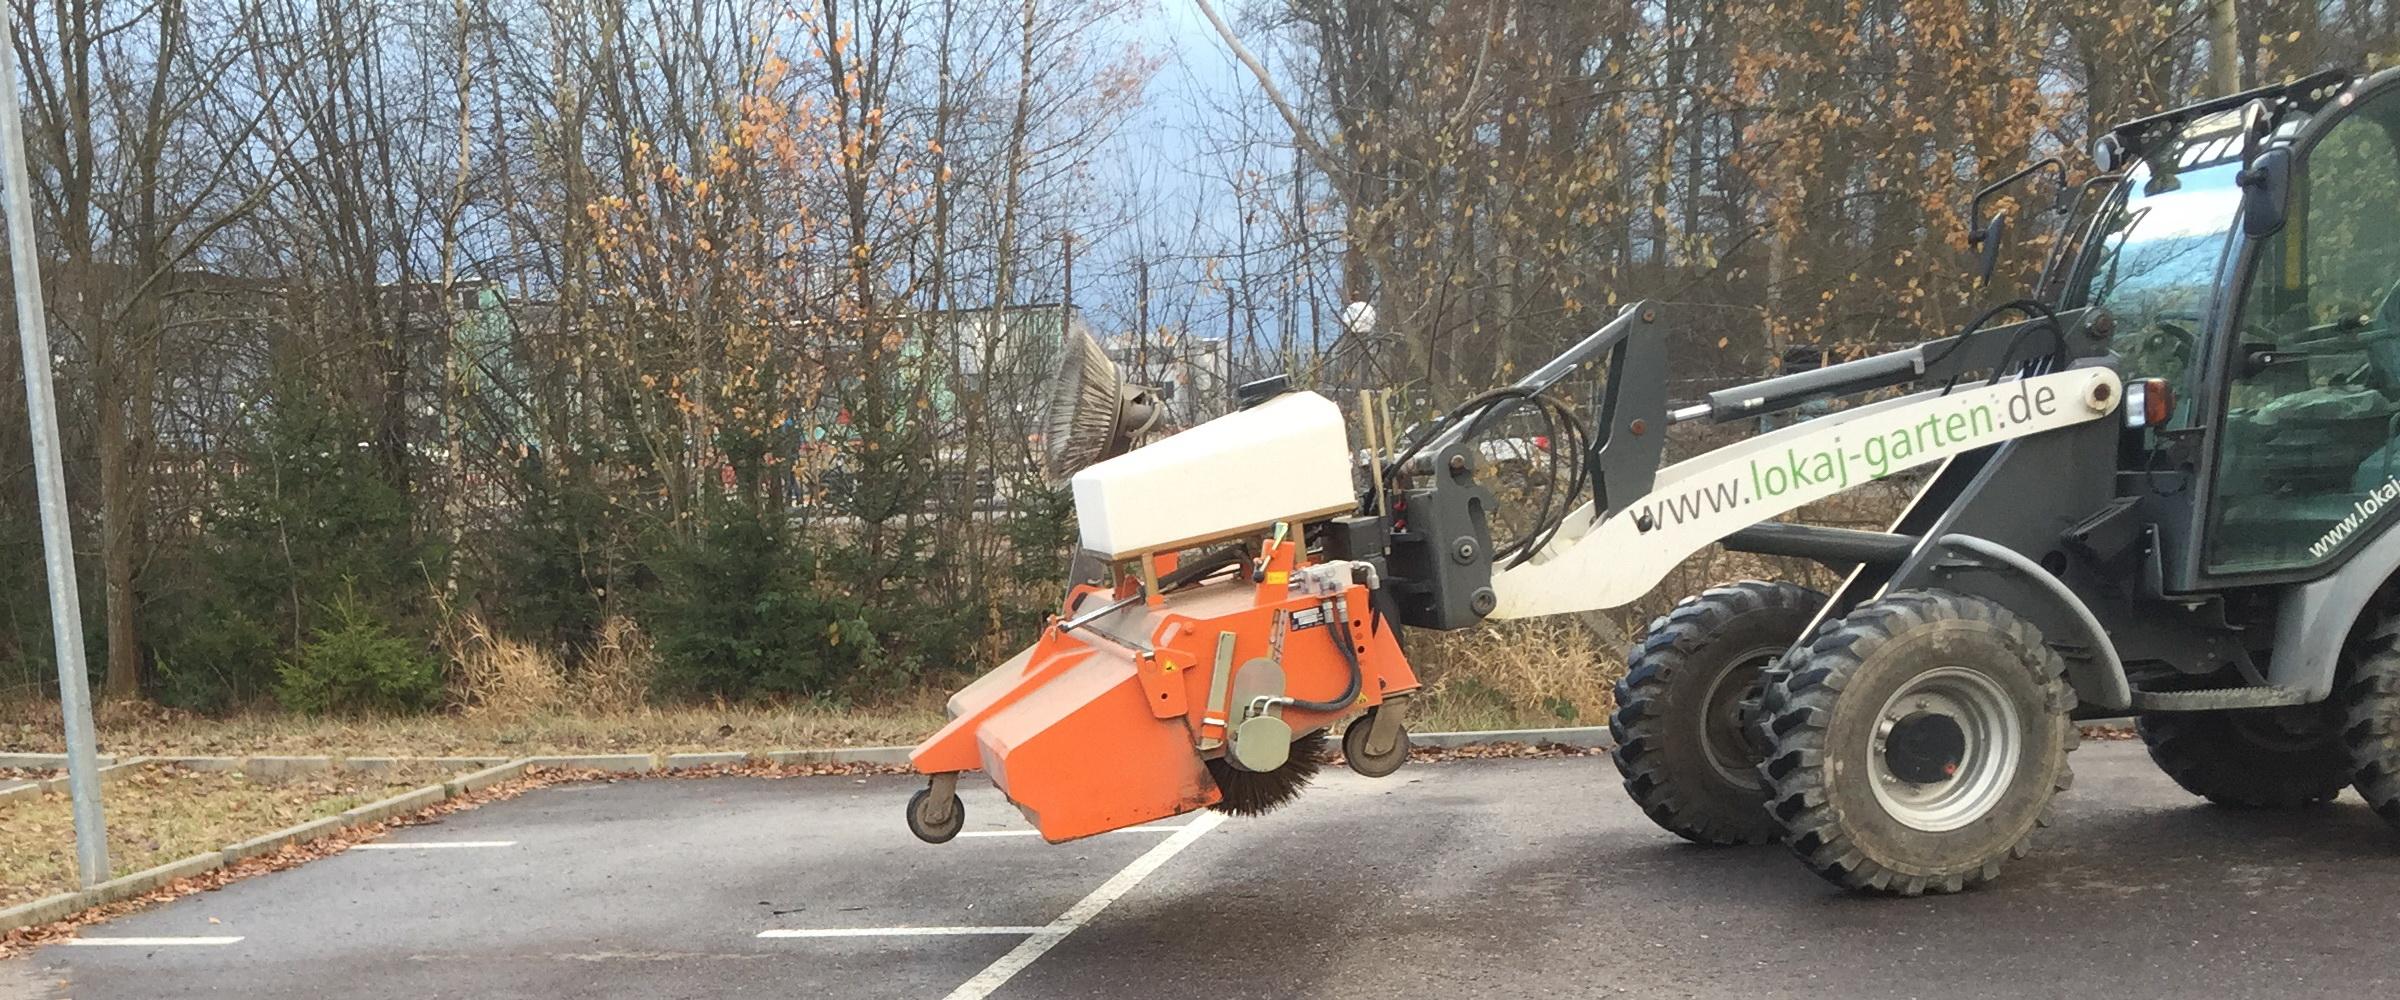 Mit professionellen Maschinen und Geräten arbeiten wir in Ulm und Umgebung